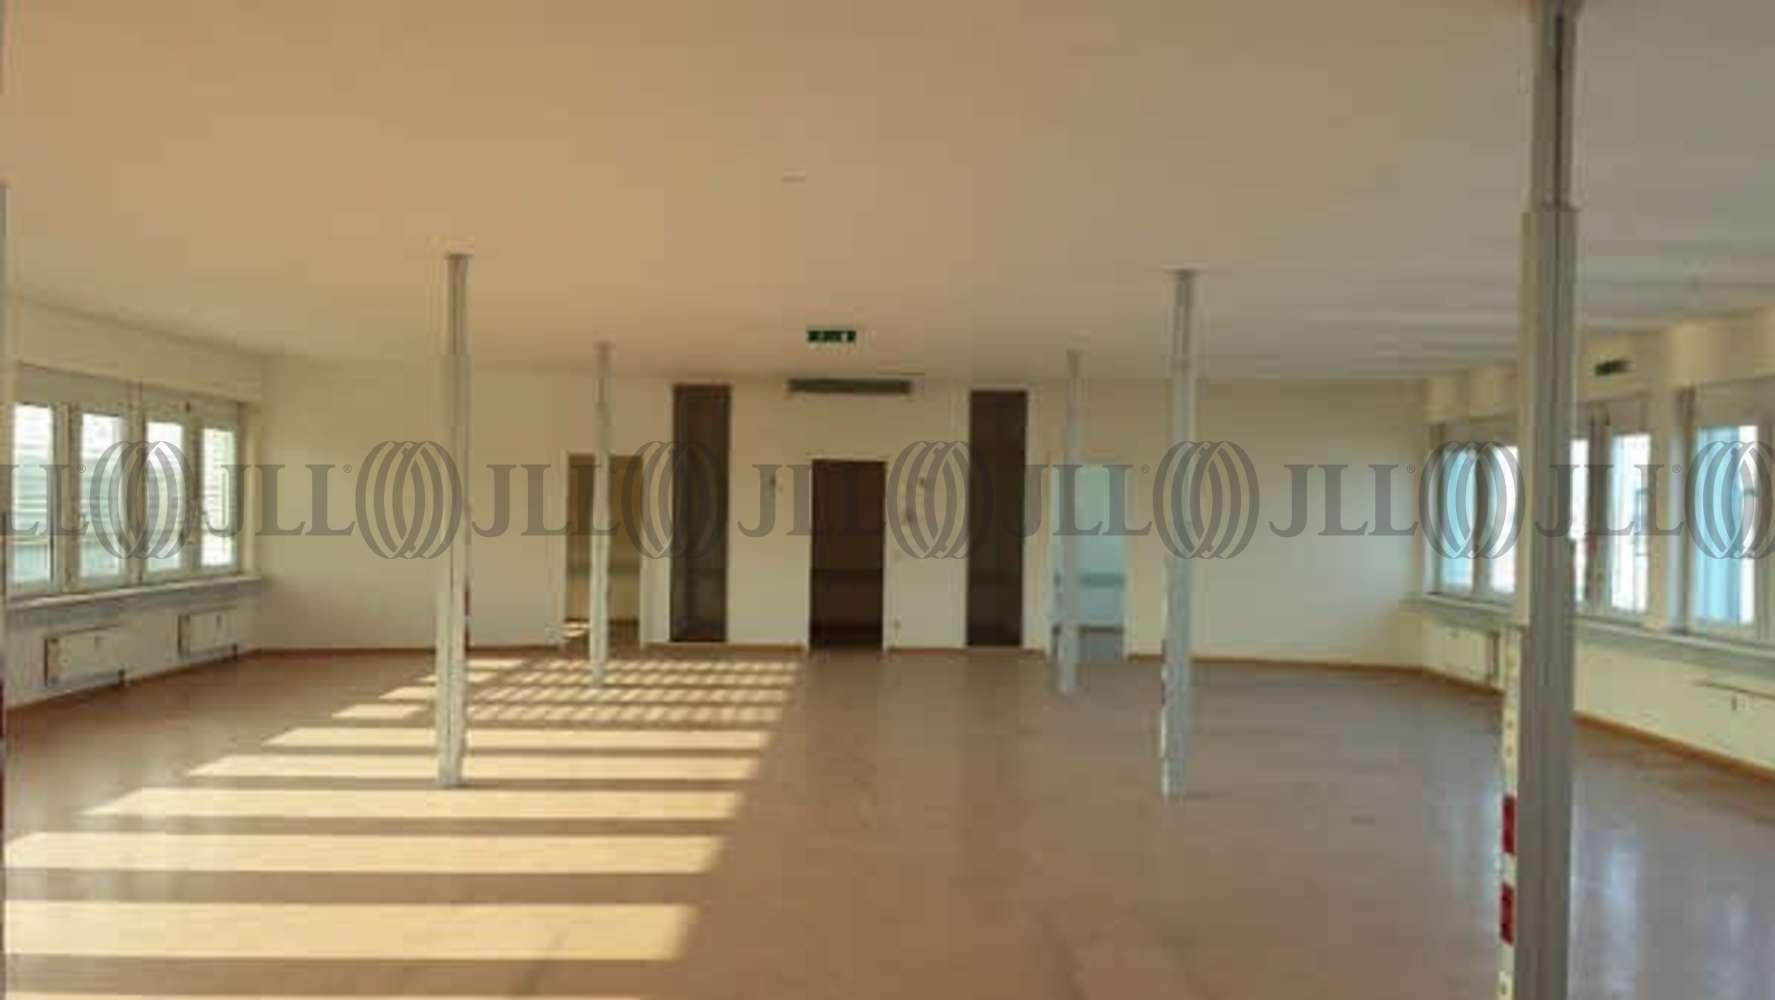 Büros Frankfurt am main, 60386 - Büro - Frankfurt am Main, Frankfurt - F1667 - 9405532